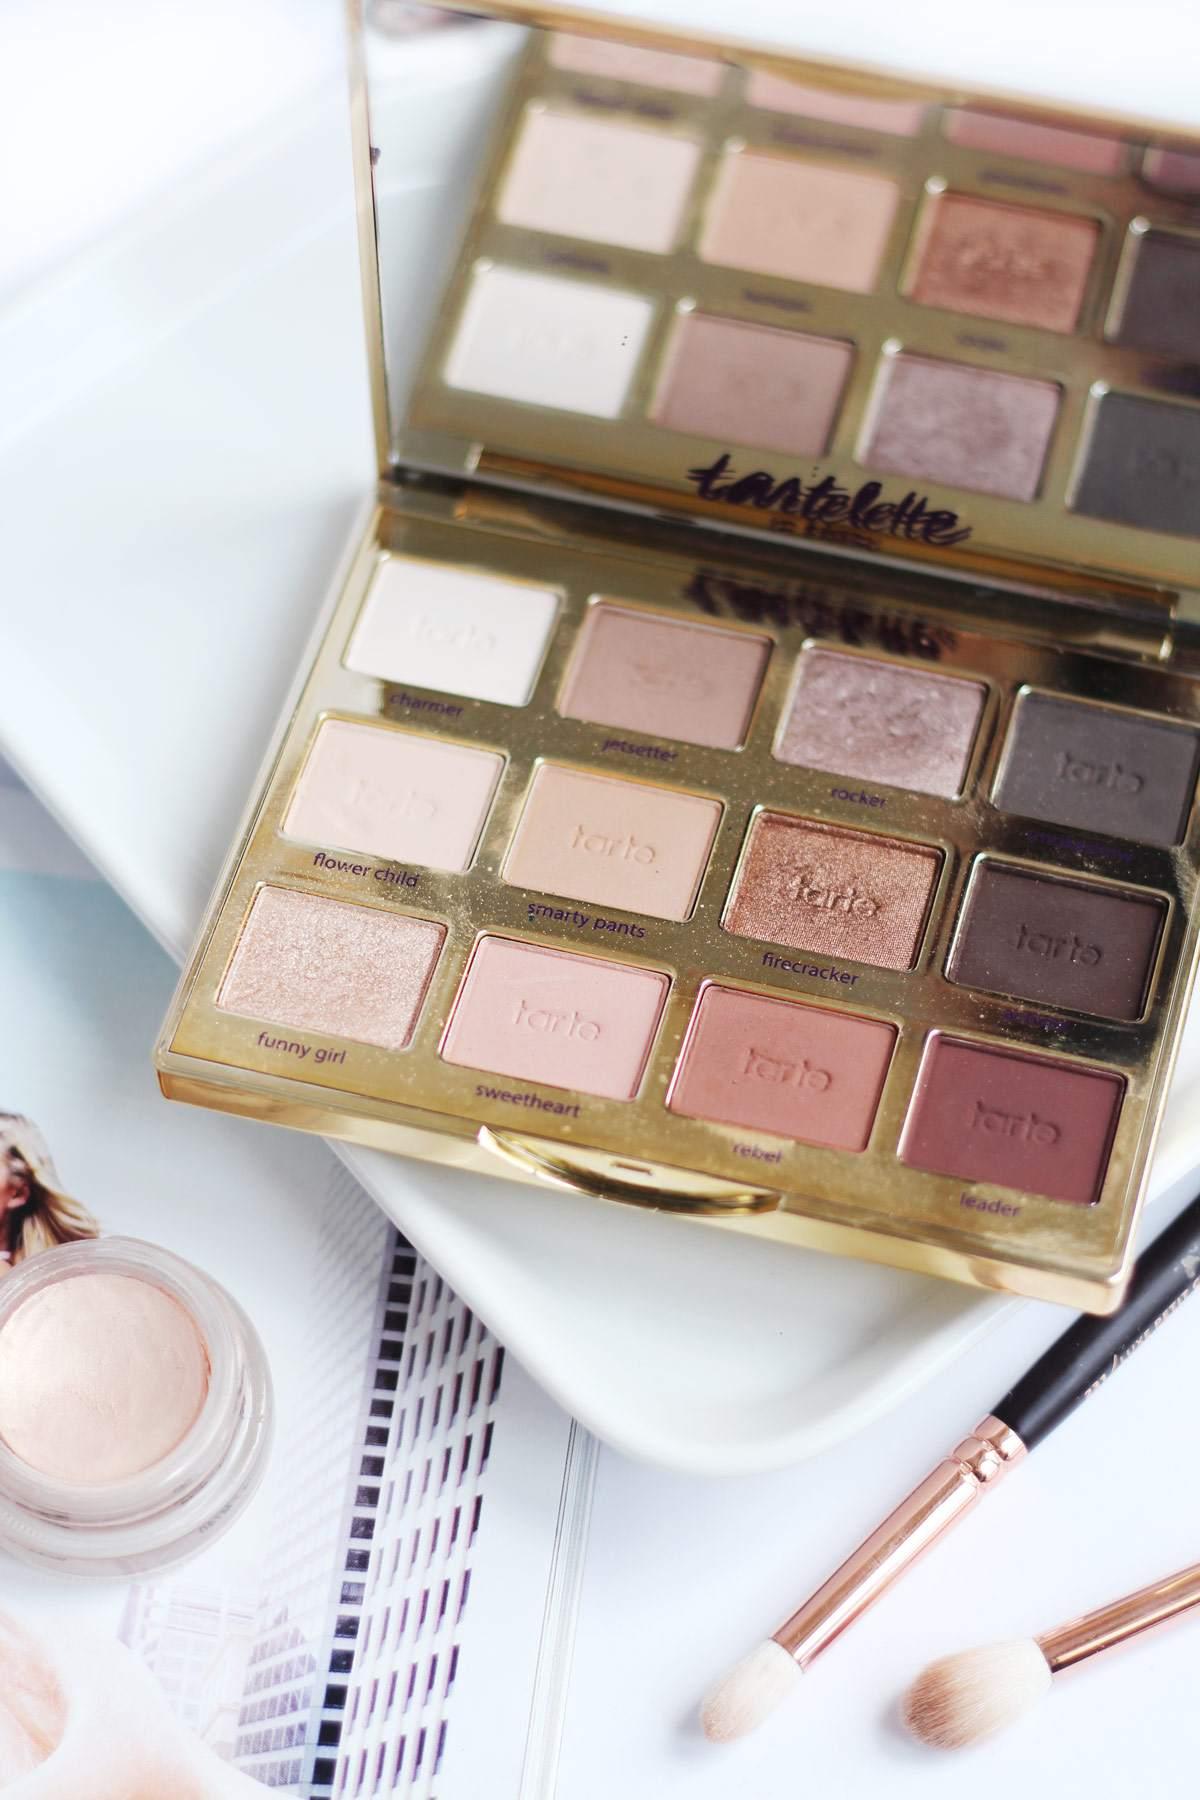 tarte-tartelette-eyeshadow-palette-sephora-review-spring